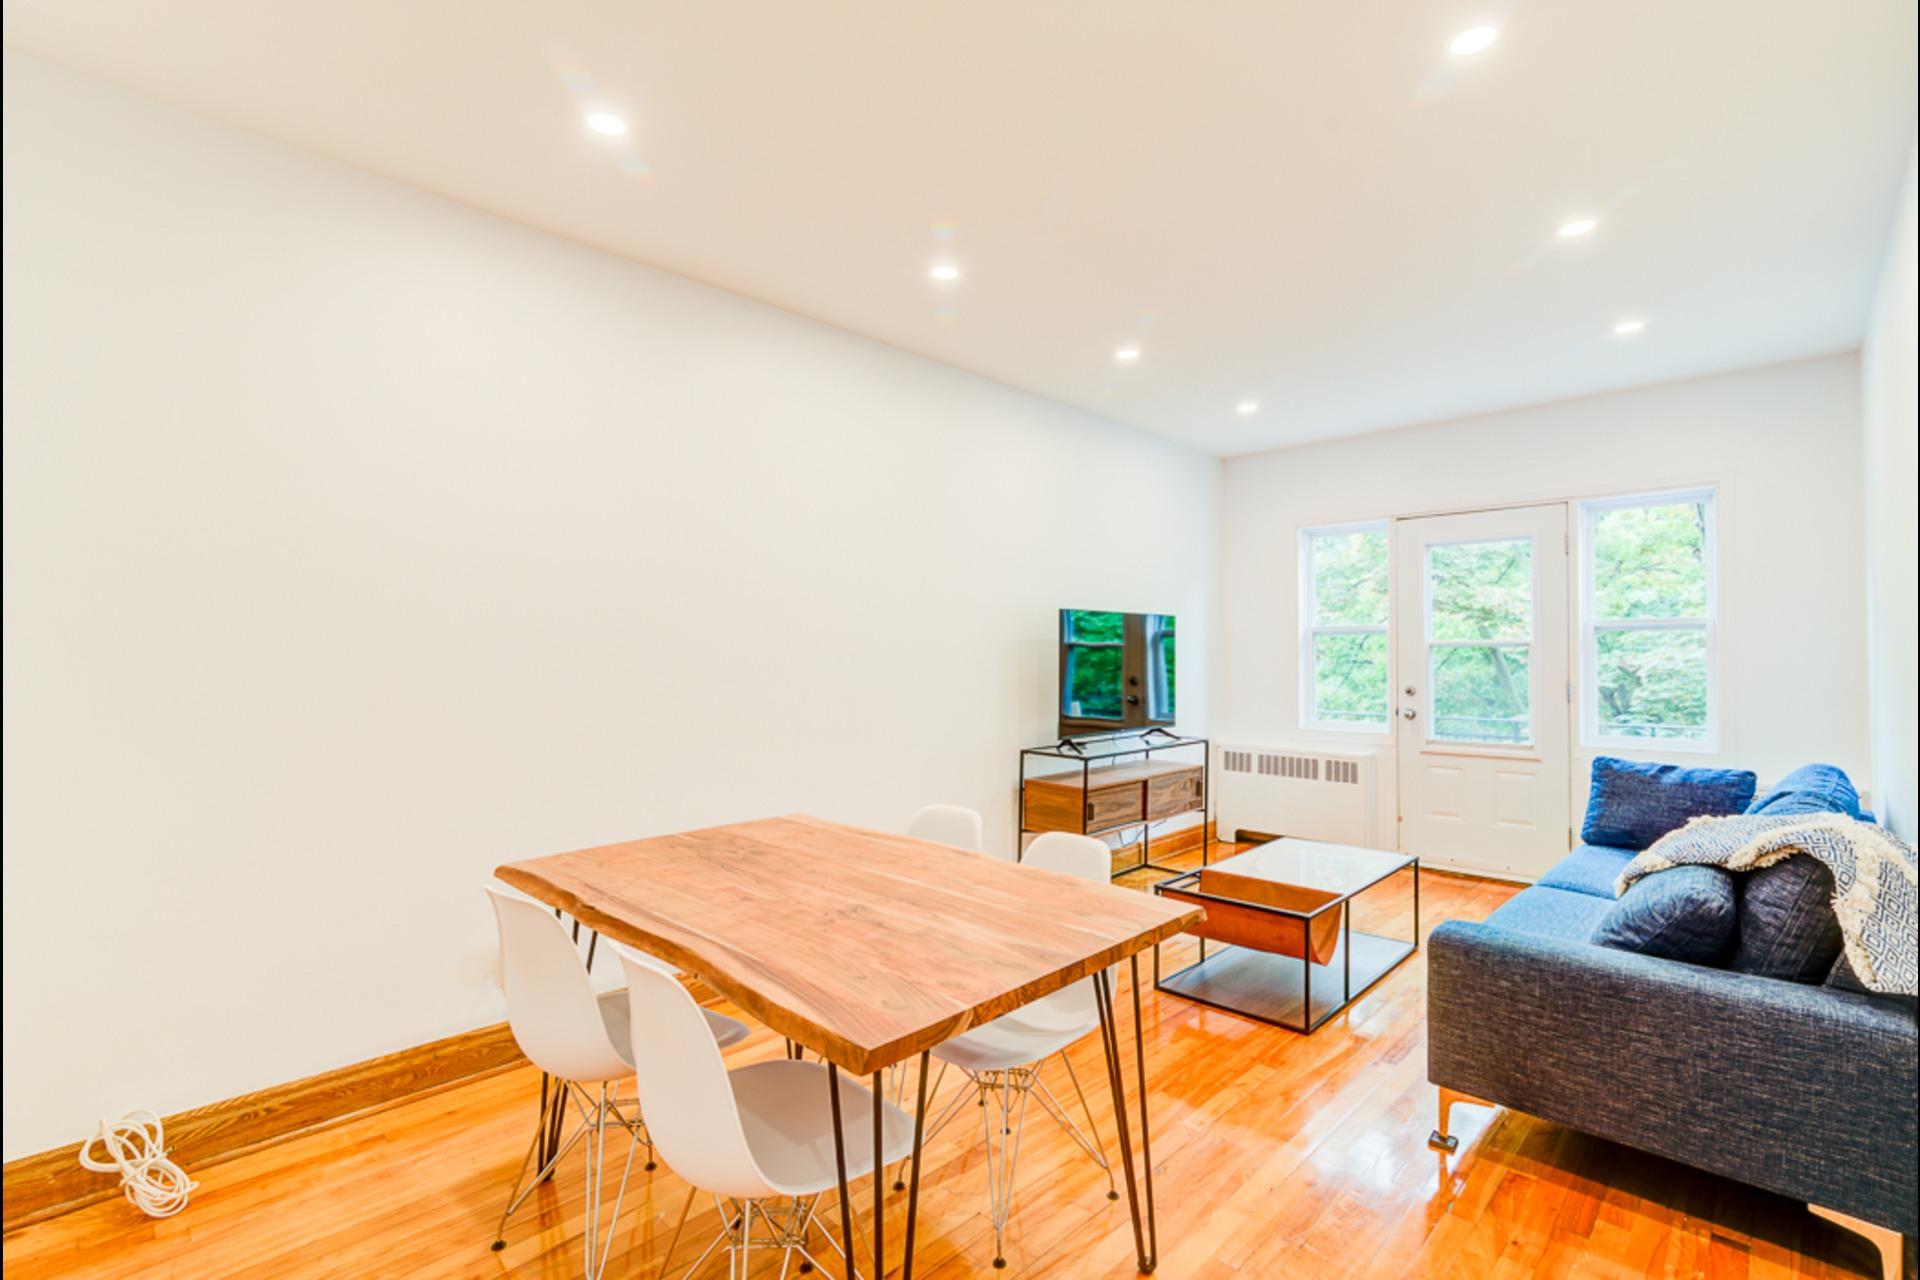 image 5 - House For rent Montréal